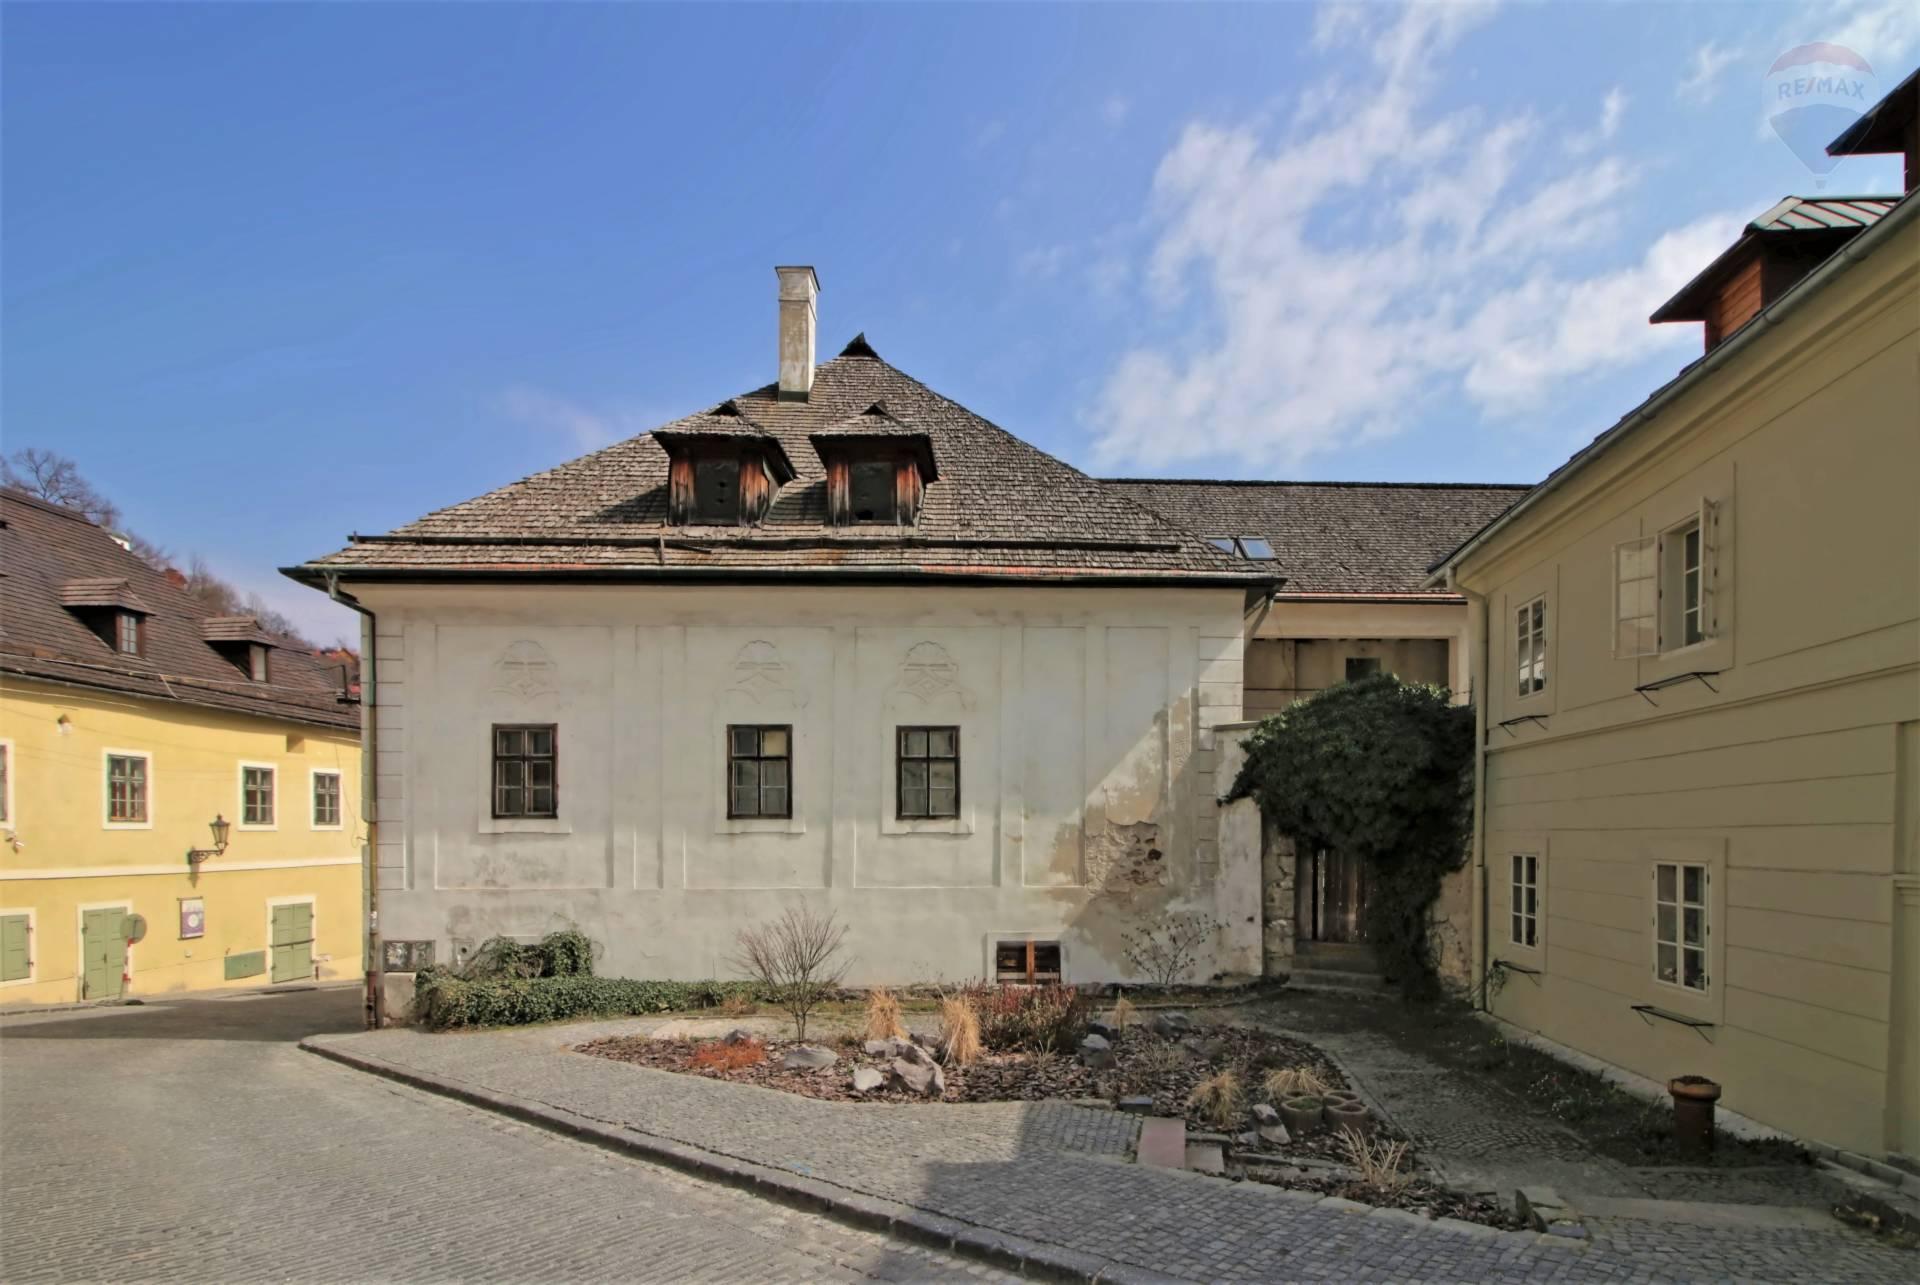 Predaj hotelu 2104 m2, Banská Štiavnica - Pohľad zo zadu